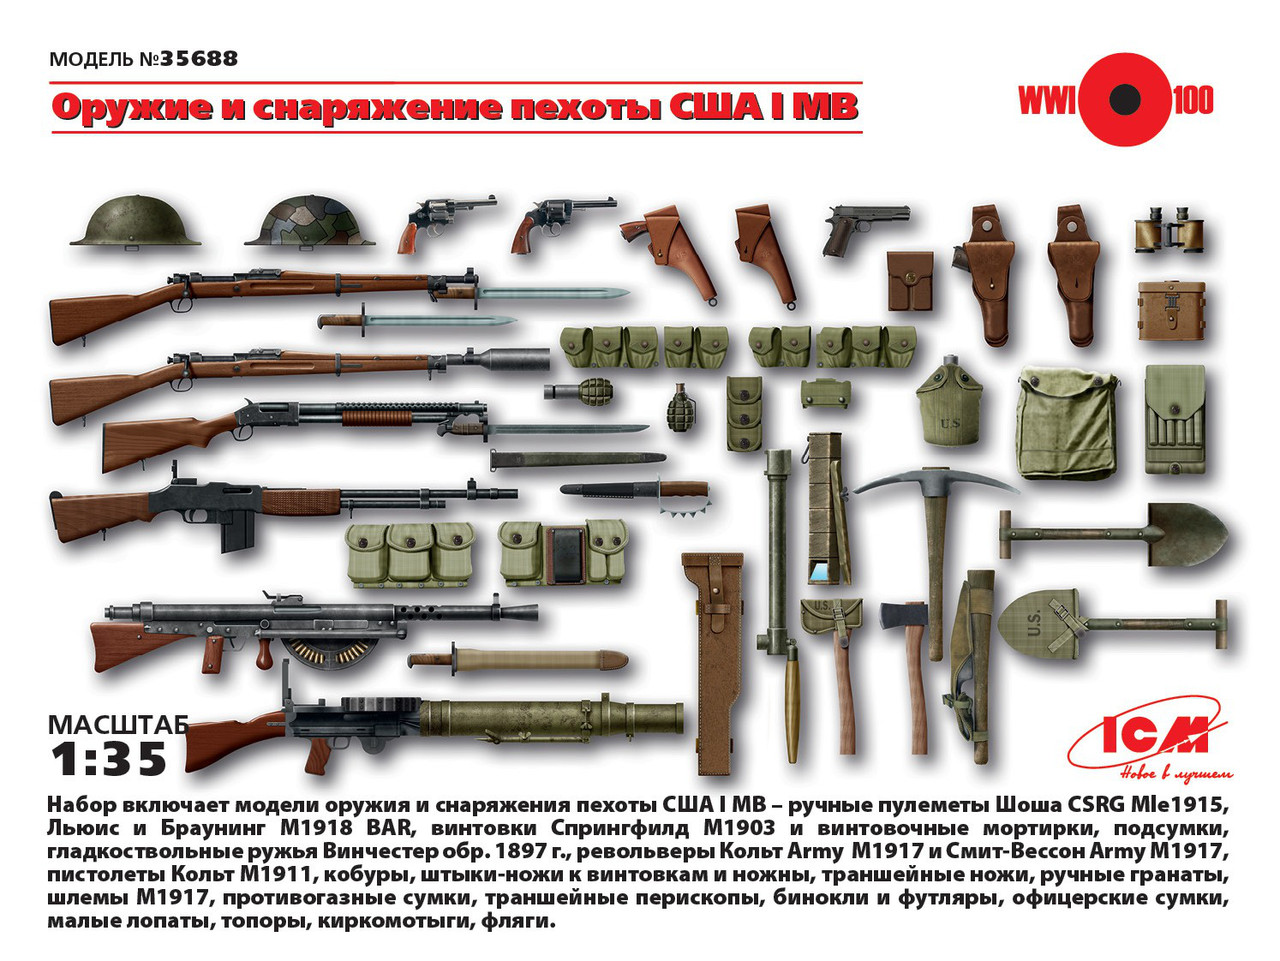 Оружие и снаряжение пехоты США І МВ. 1/35 ICM 35688